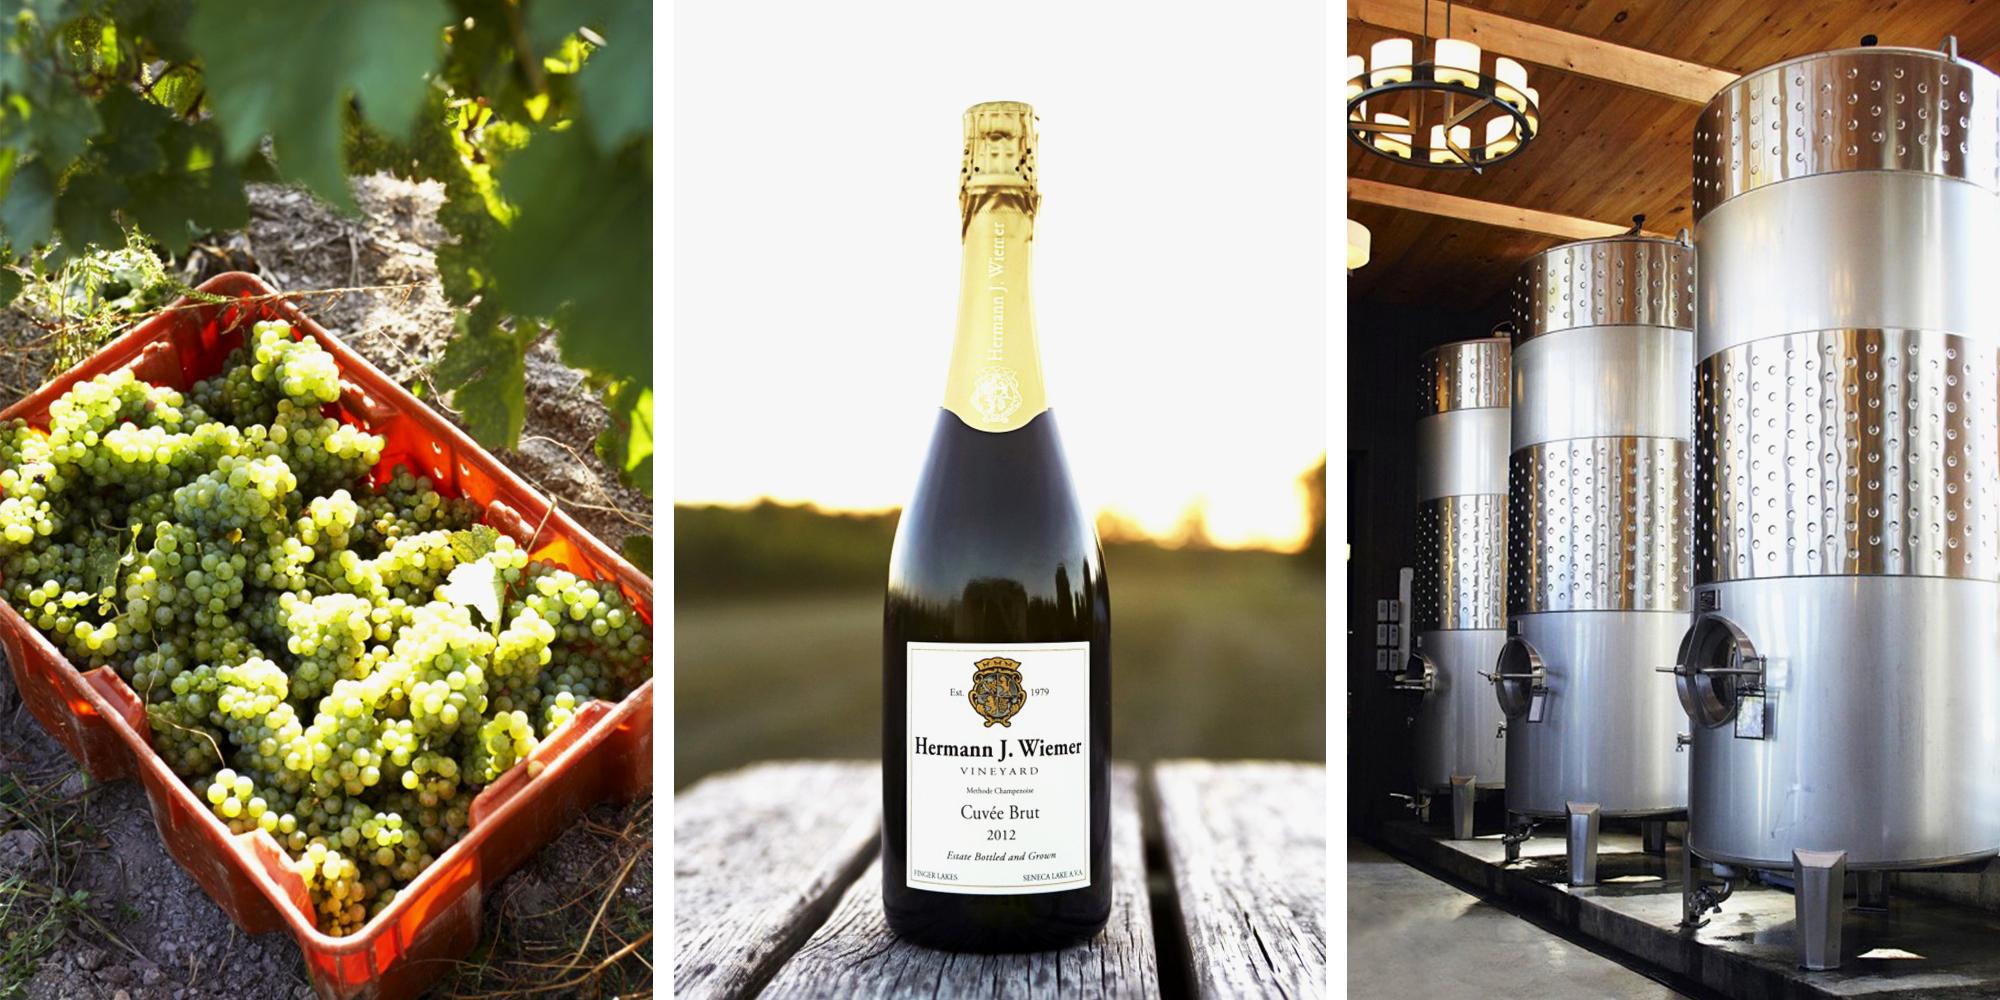 12 Best Wineries In Ny Near Me 2018 S Top Wine Tastings